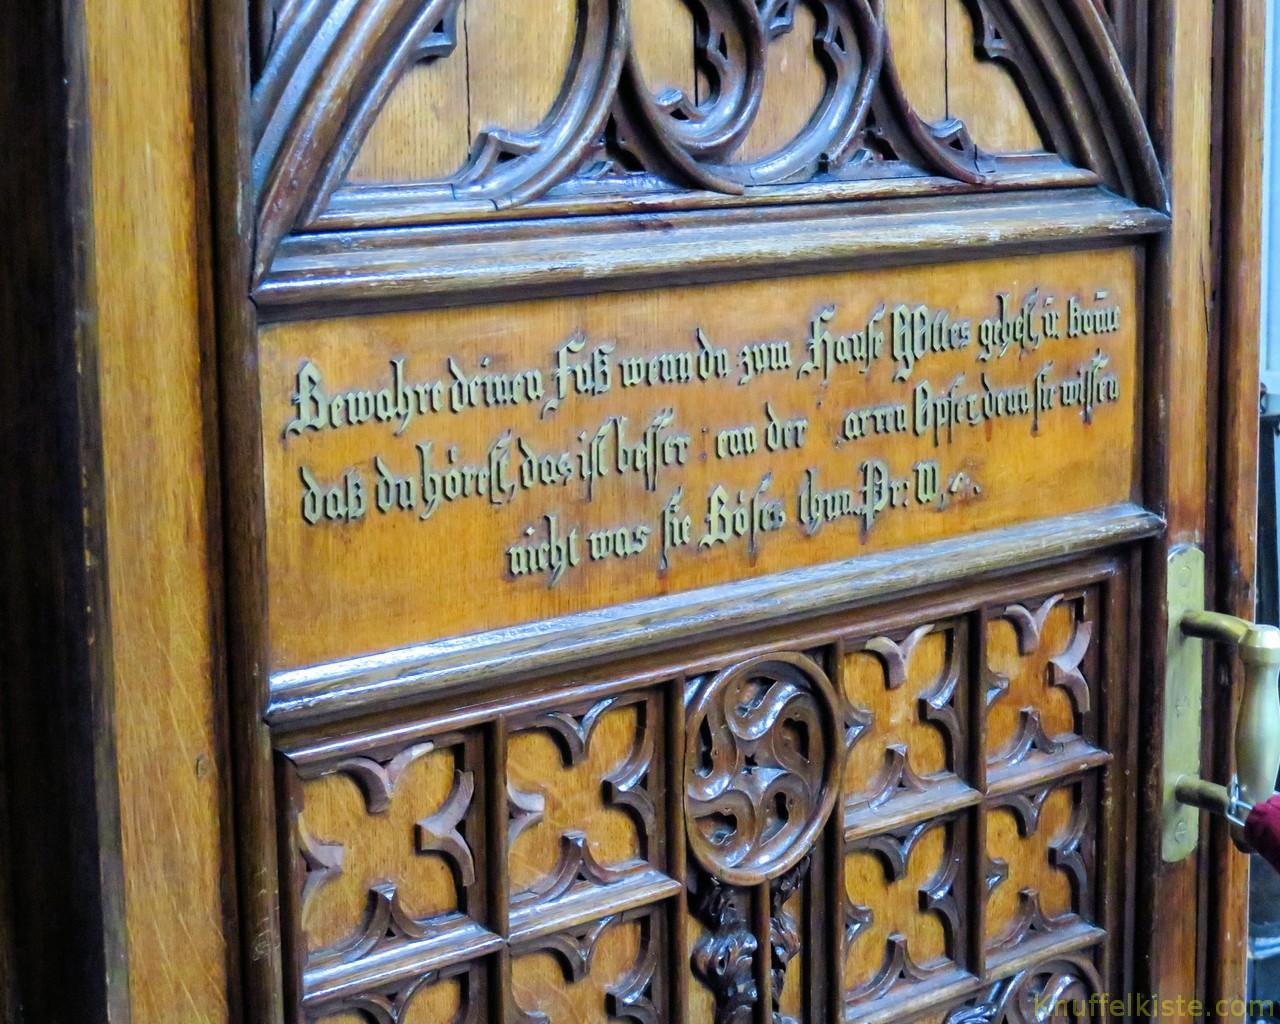 Inschrift auf der Türe der Kirche in Deutsch!